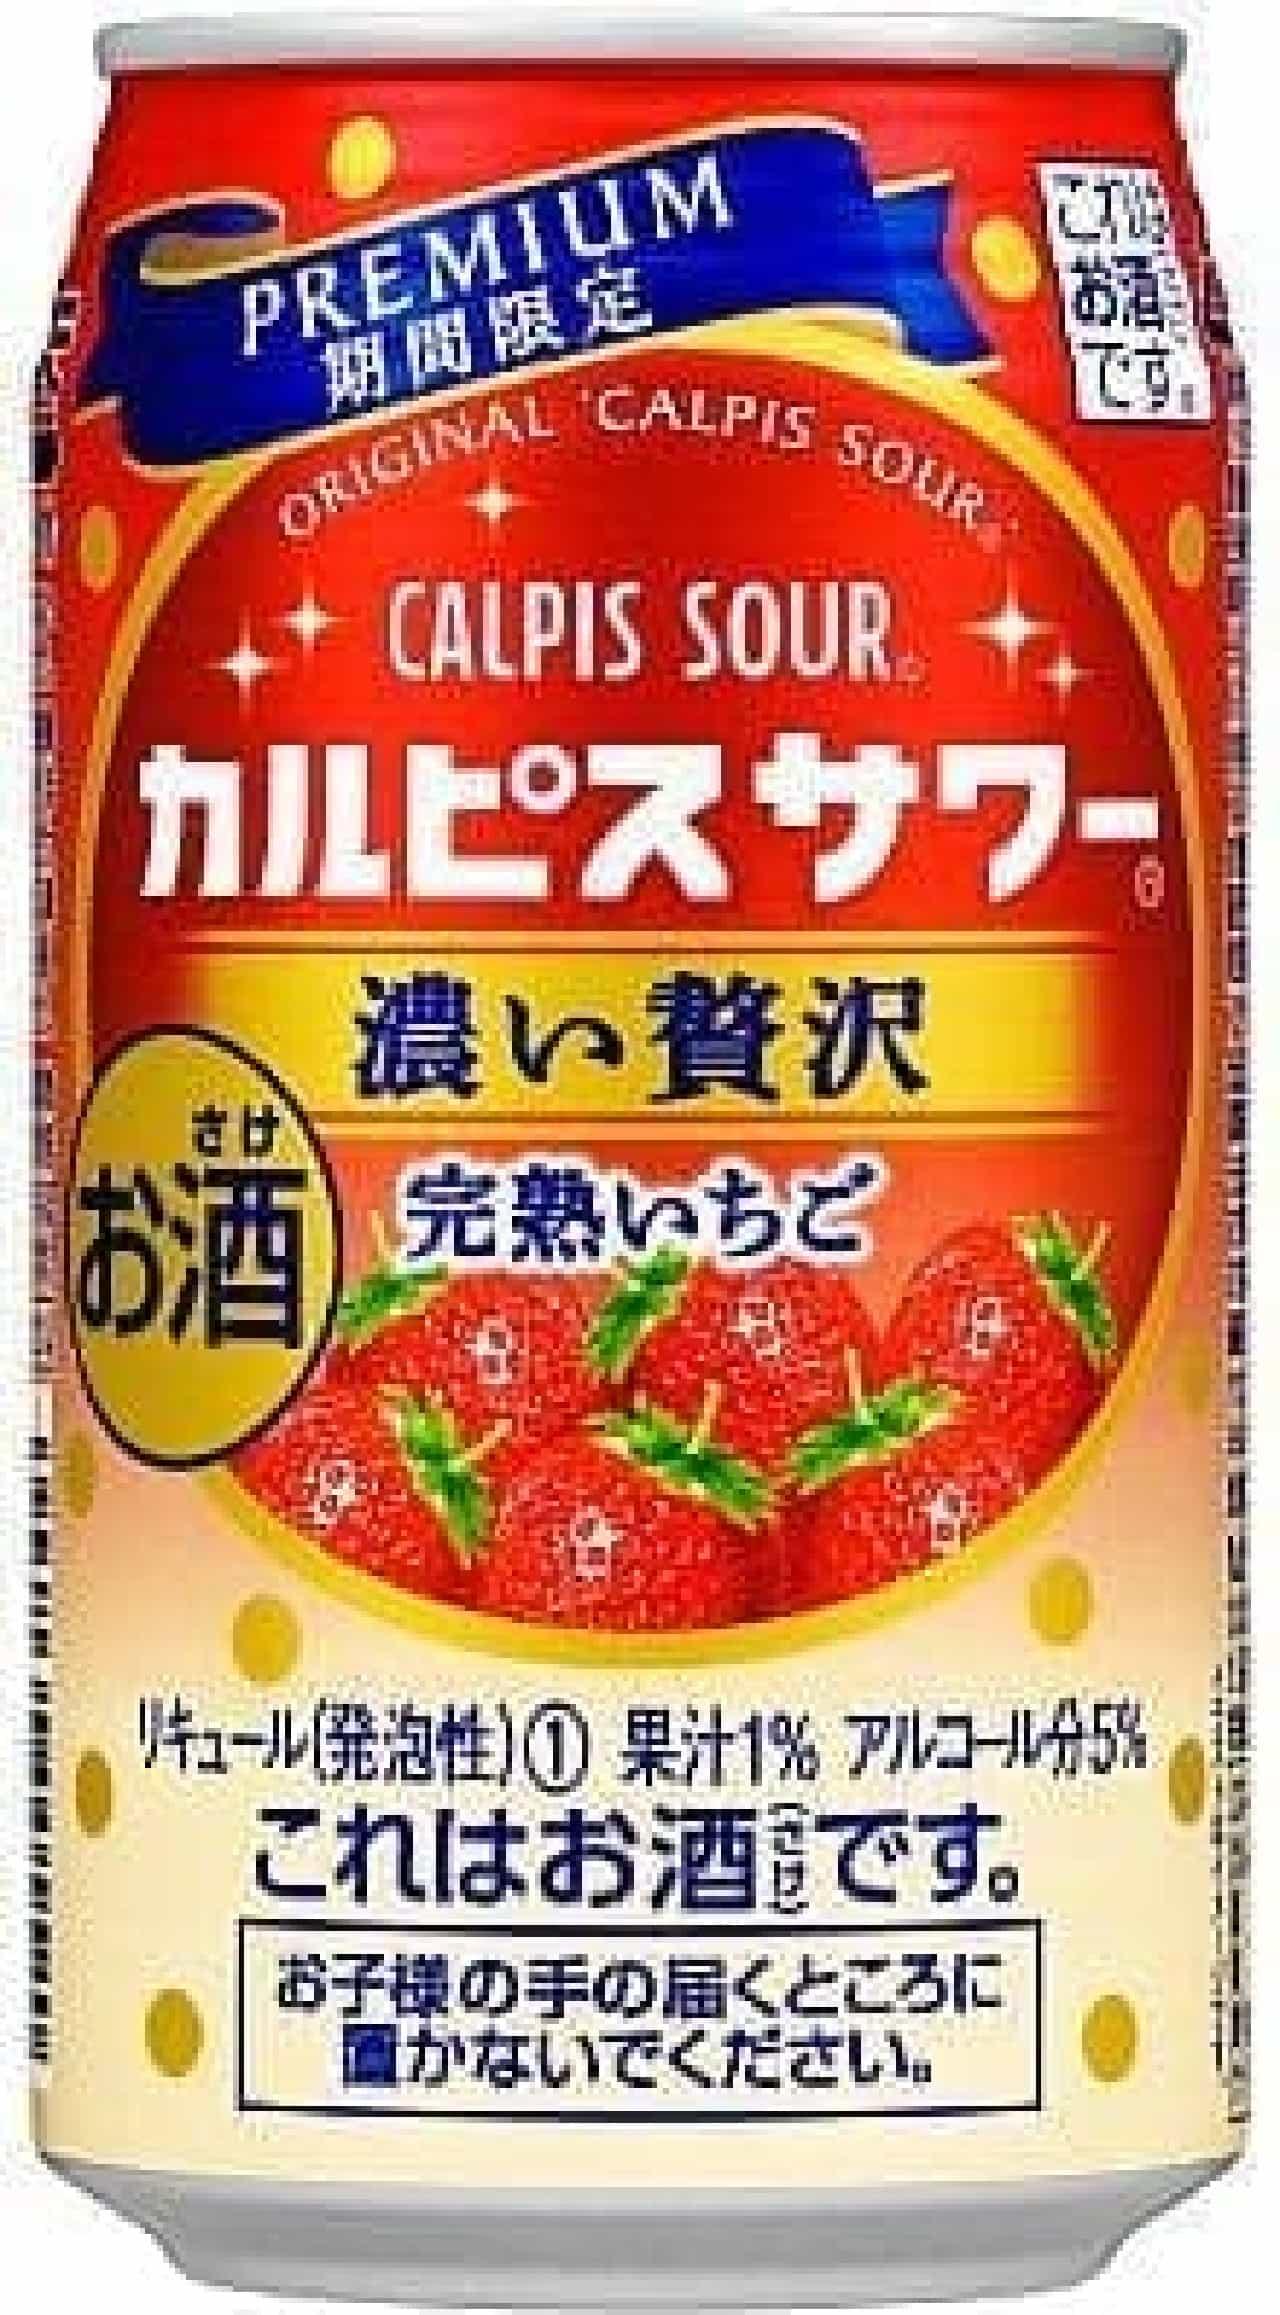 アサヒビール「アサヒビール濃い贅沢完熟いちご